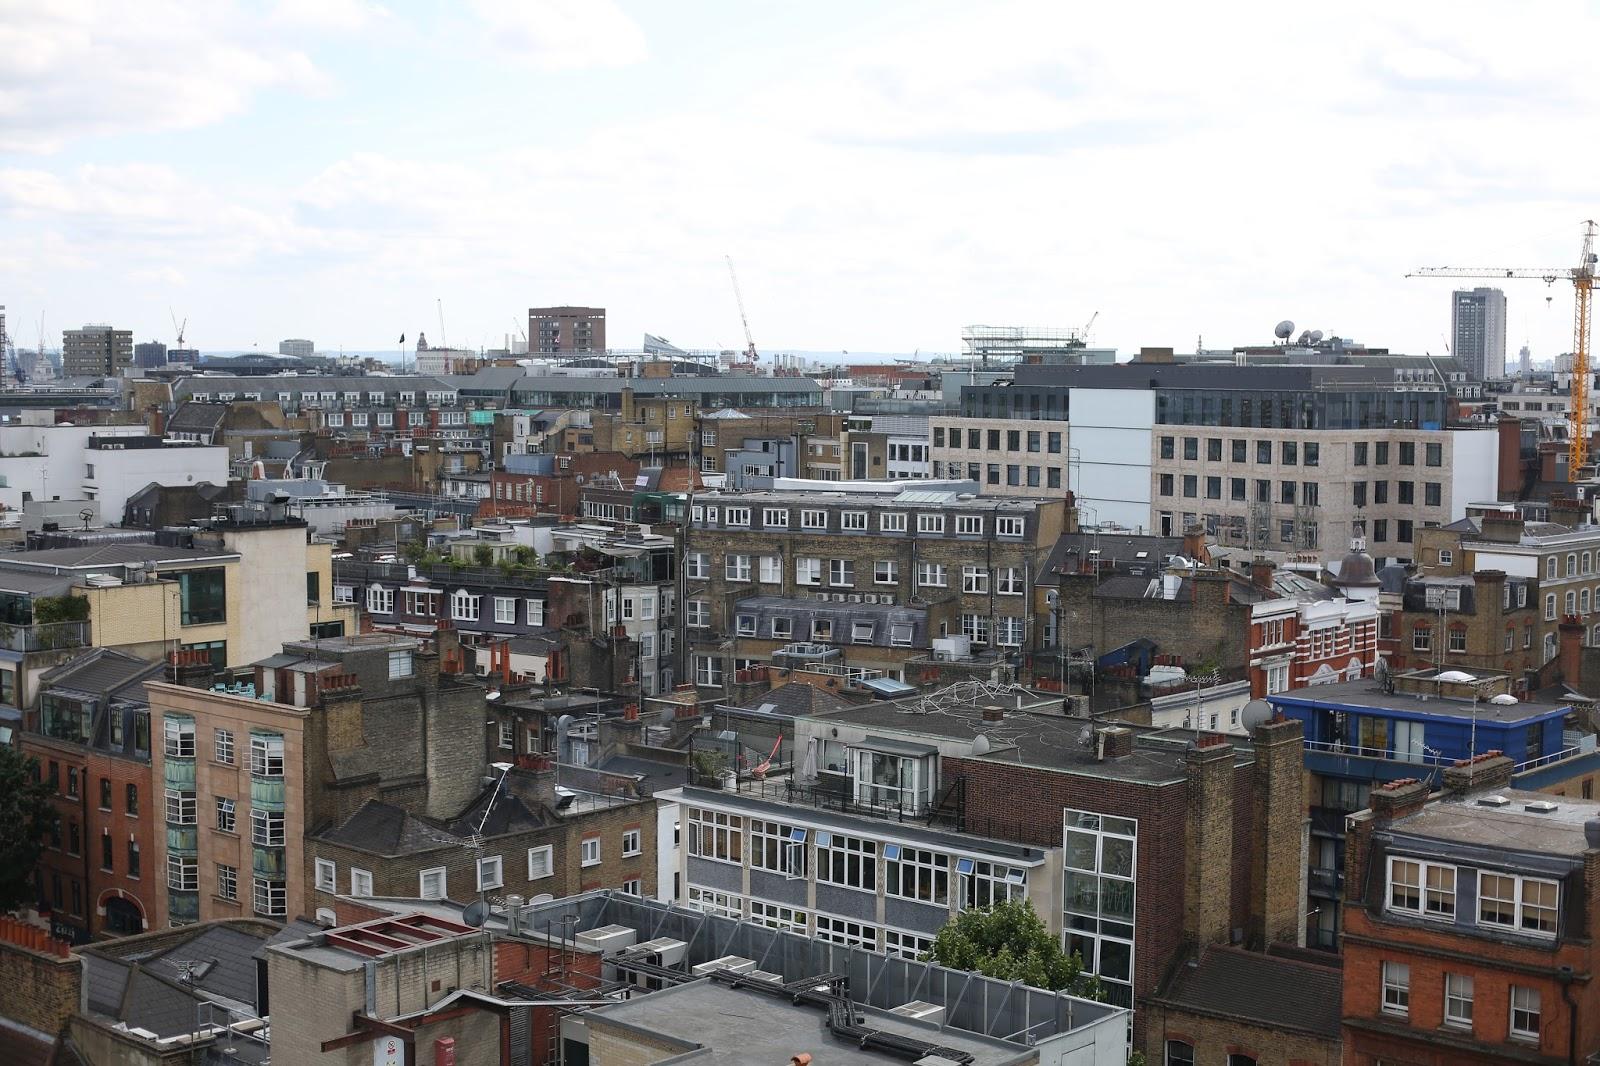 Saco apartments penthouse view